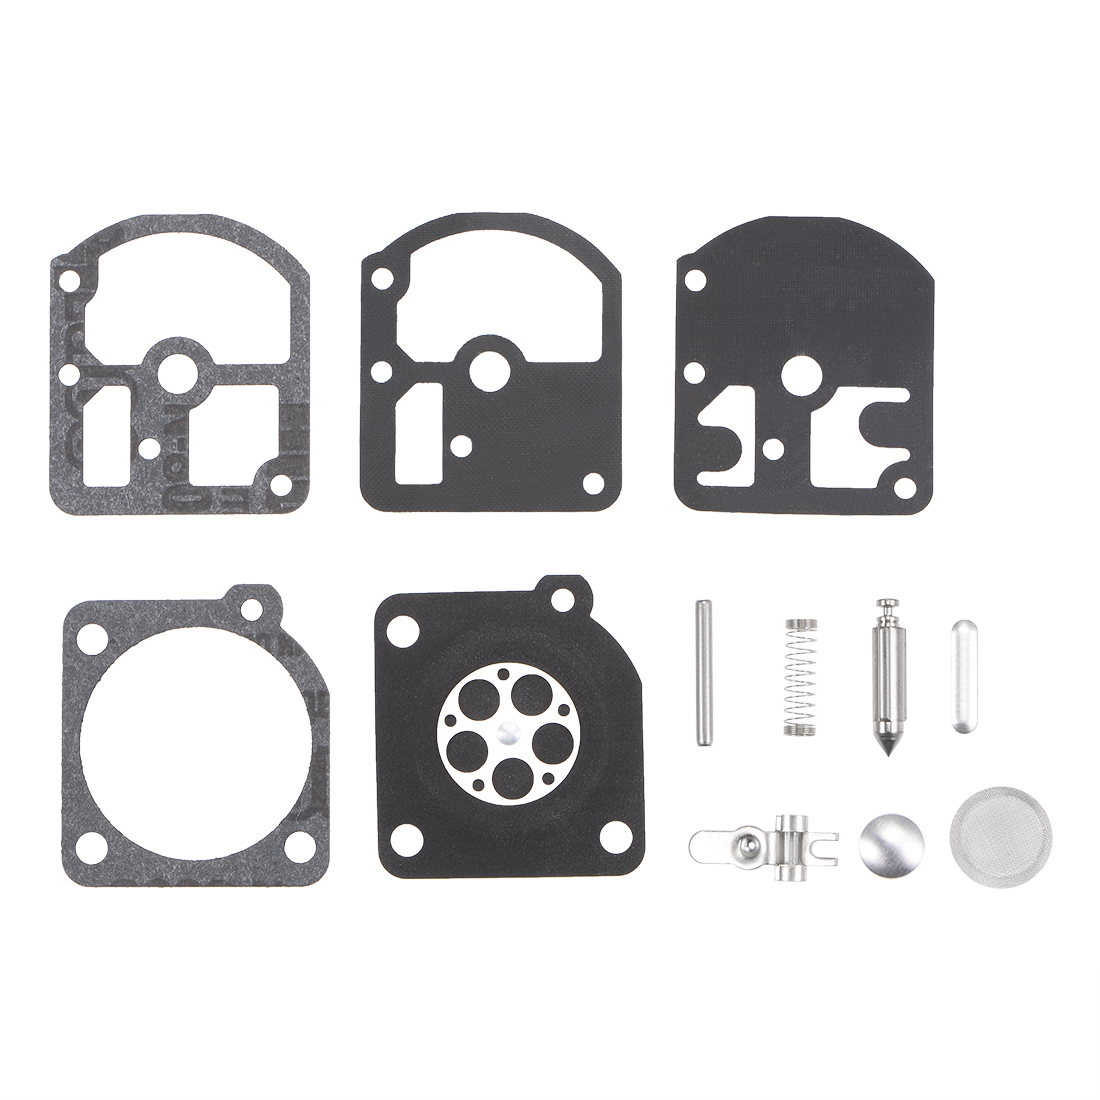 RB-3uretor Rebuild Kit Gasket Diaphragm for RB-3 Series Chainsaw Engines 3pcs